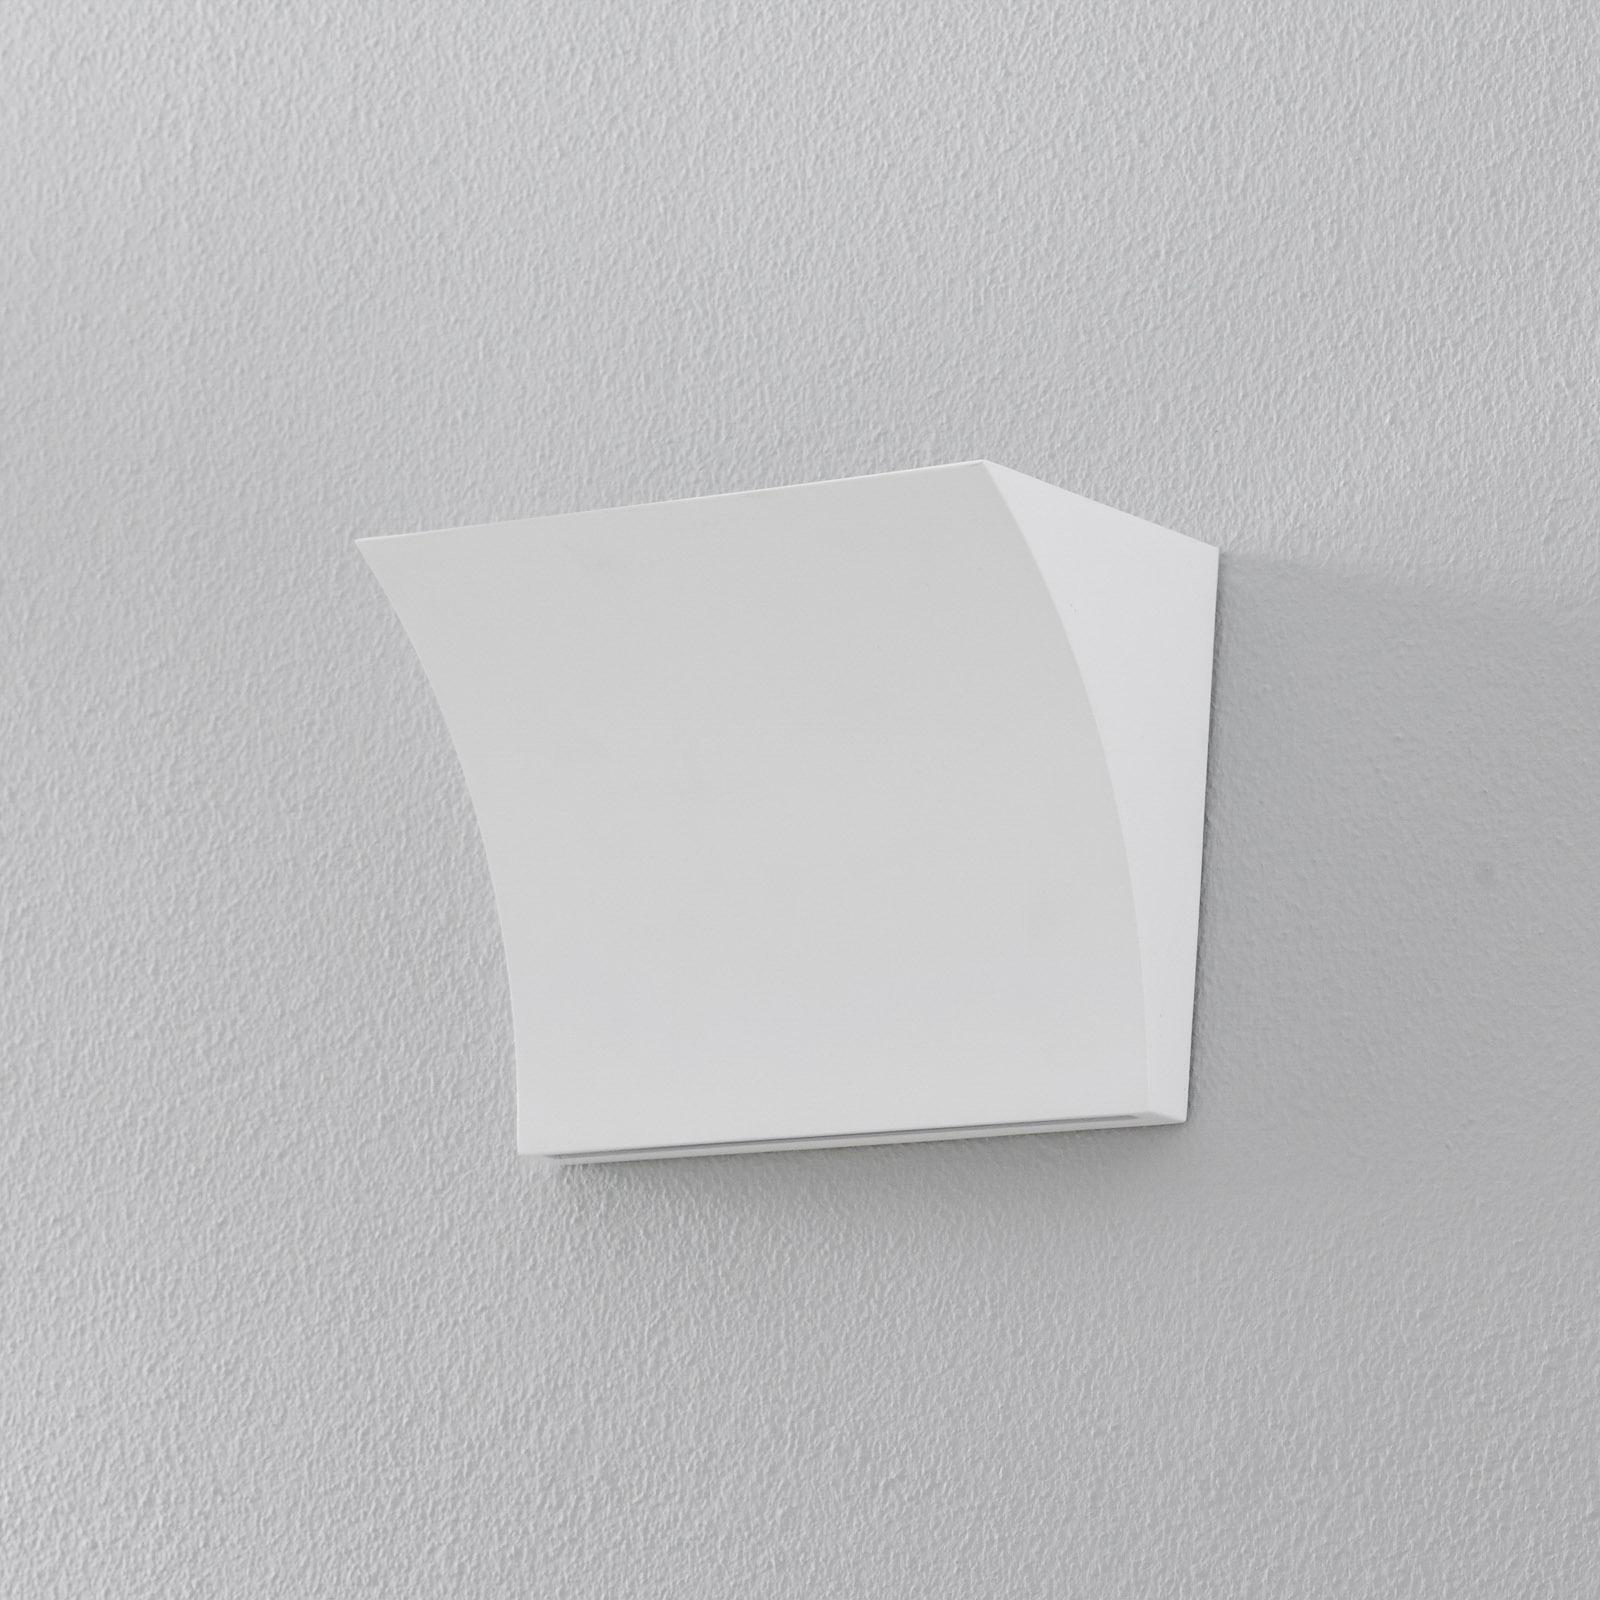 Applique a LED Pochette a luce diretta e indiretta